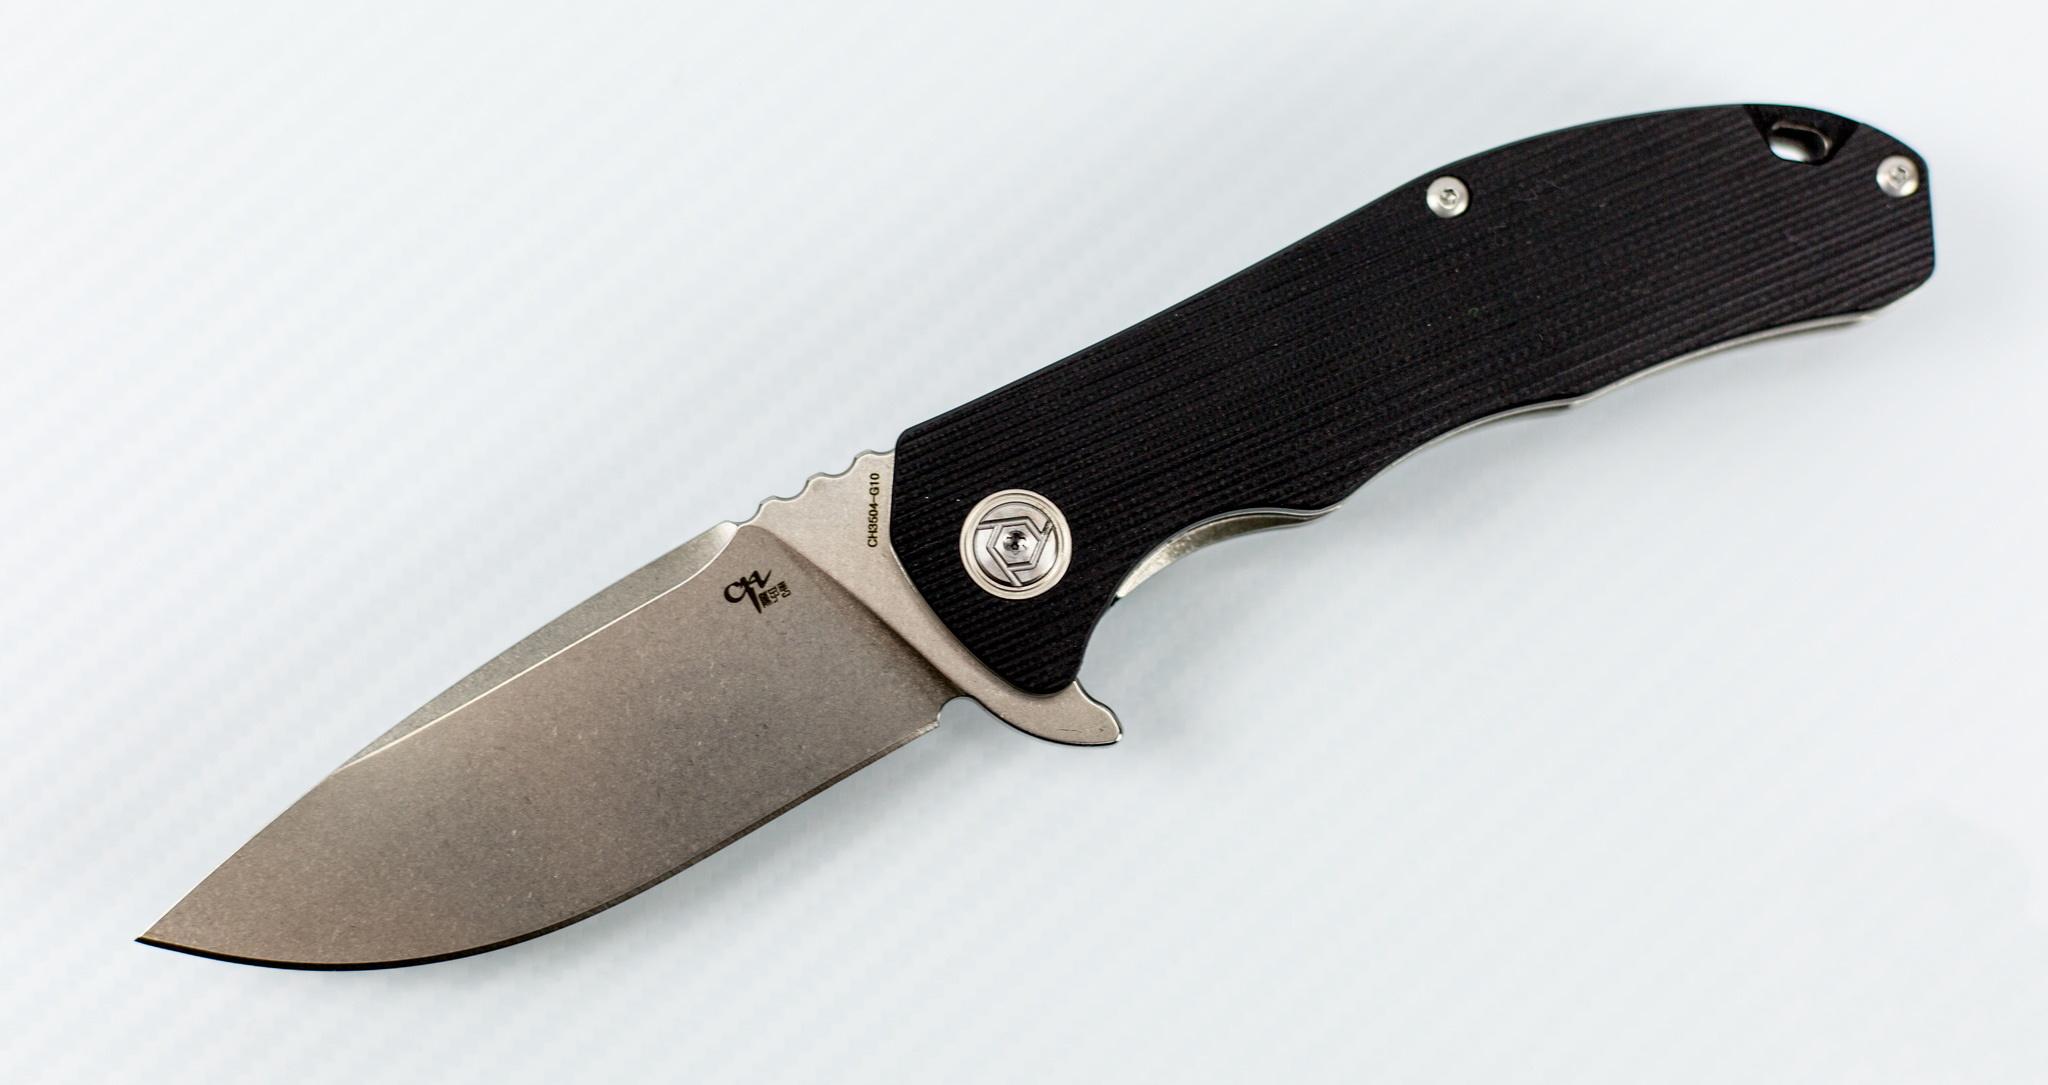 Качественный нож по честной цене - СКЛАДНОЙ НОЖ CH3504 СТАЛЬ D2, ЧЕРНЫЙ